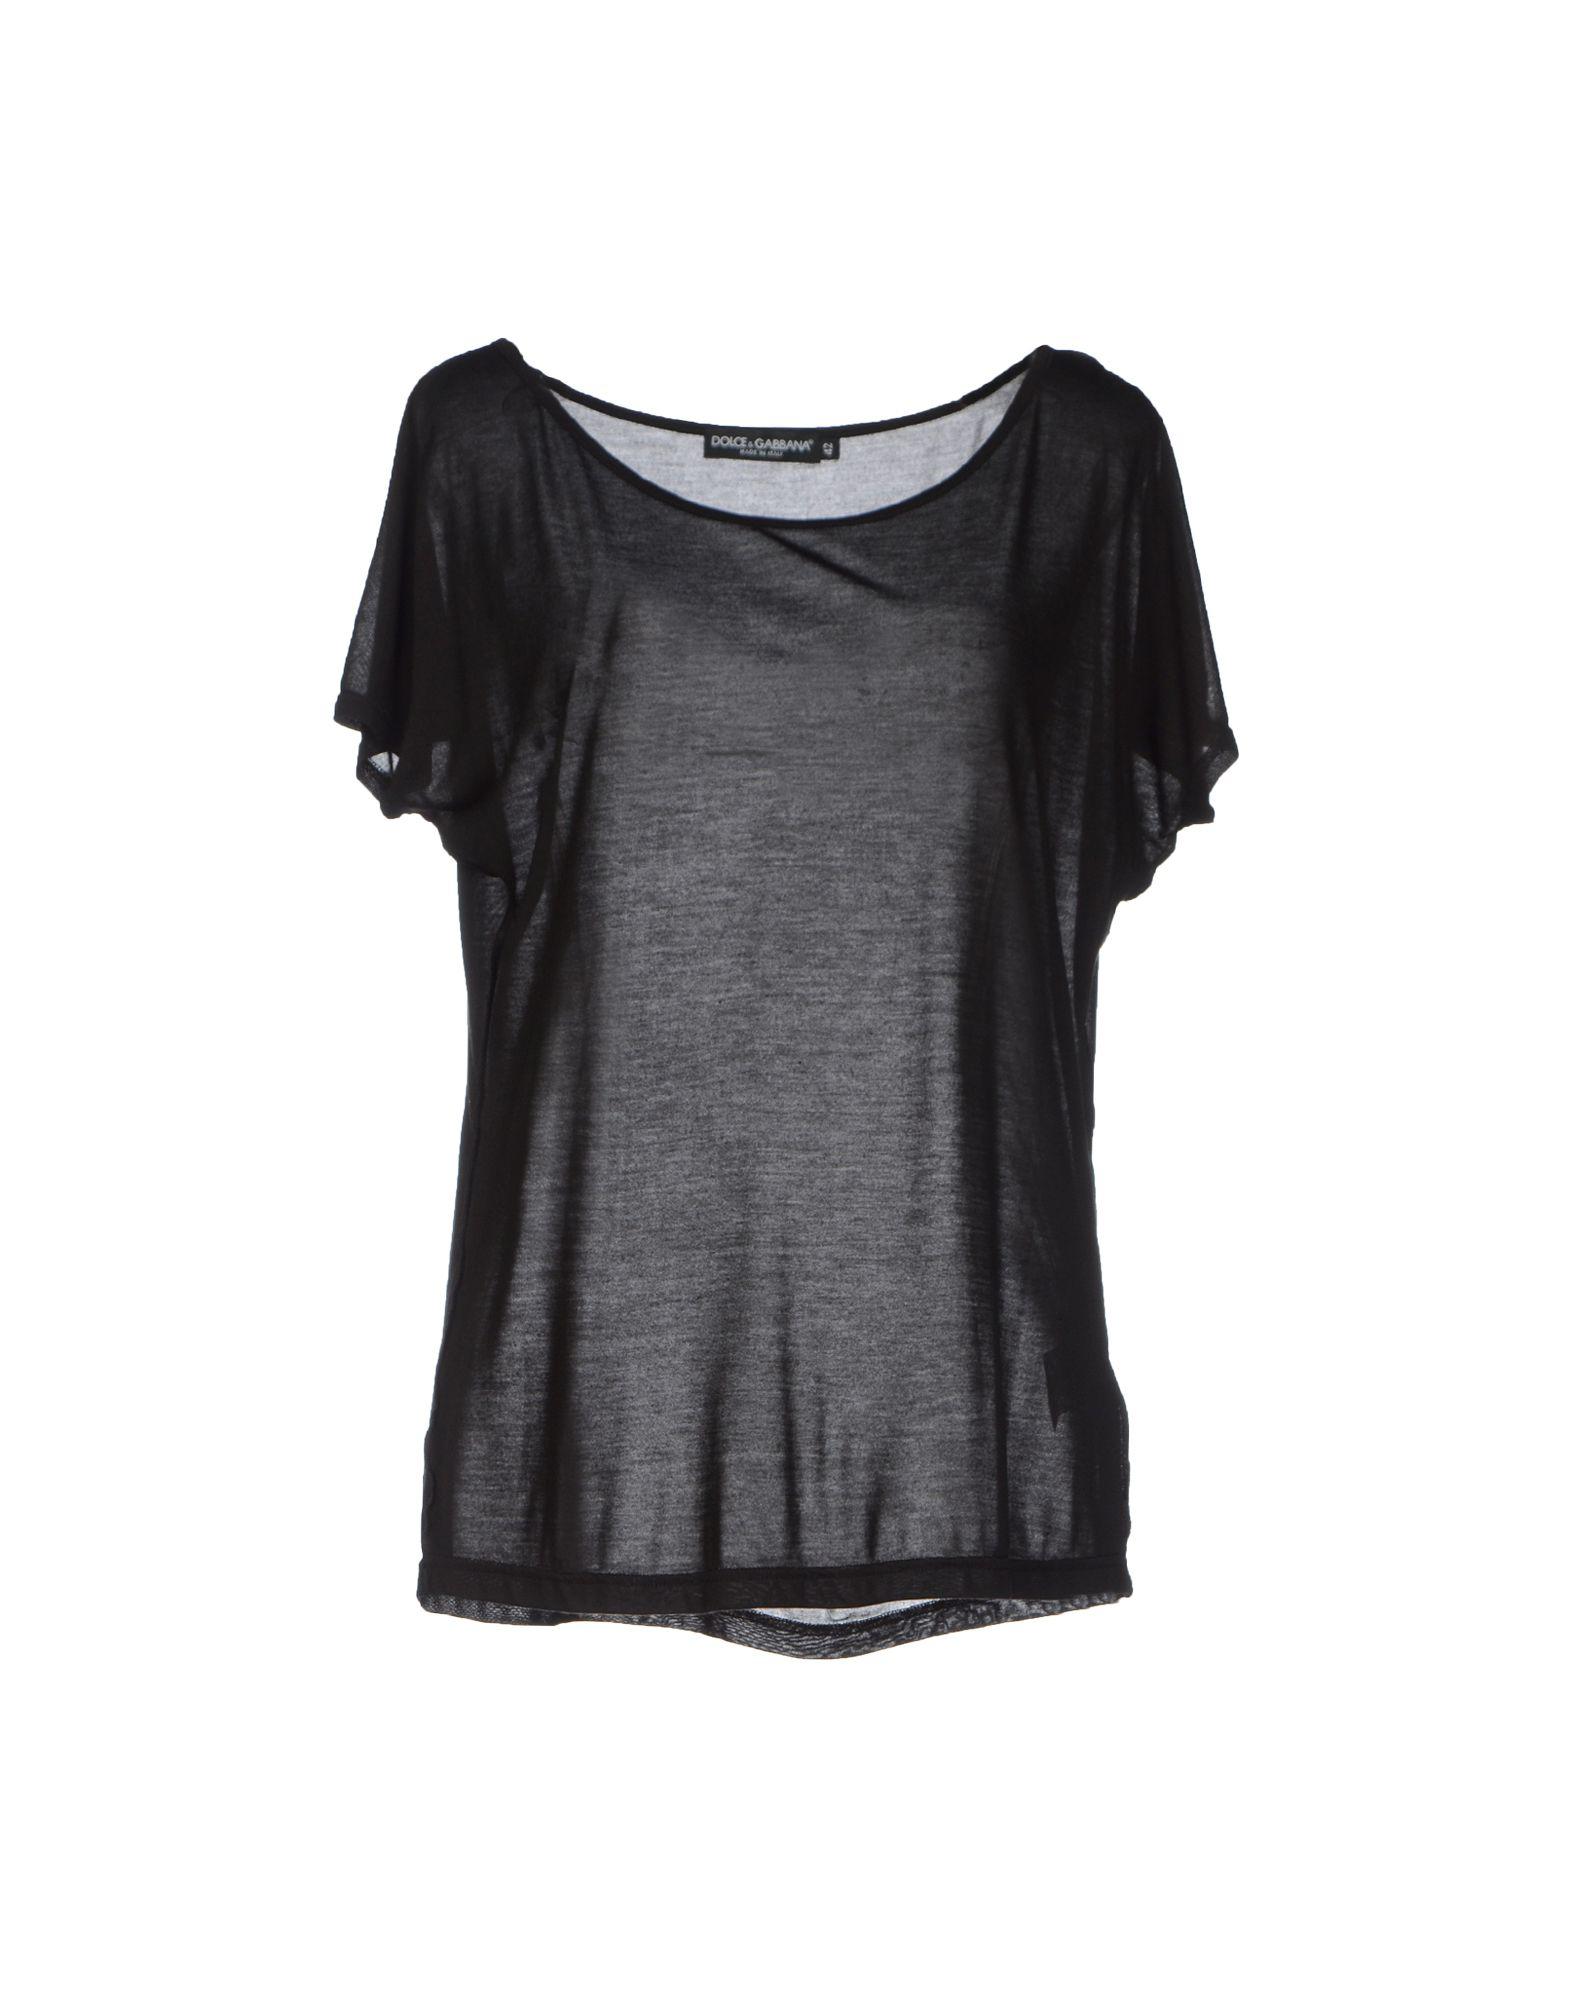 dolce gabbana t shirt in black lyst. Black Bedroom Furniture Sets. Home Design Ideas